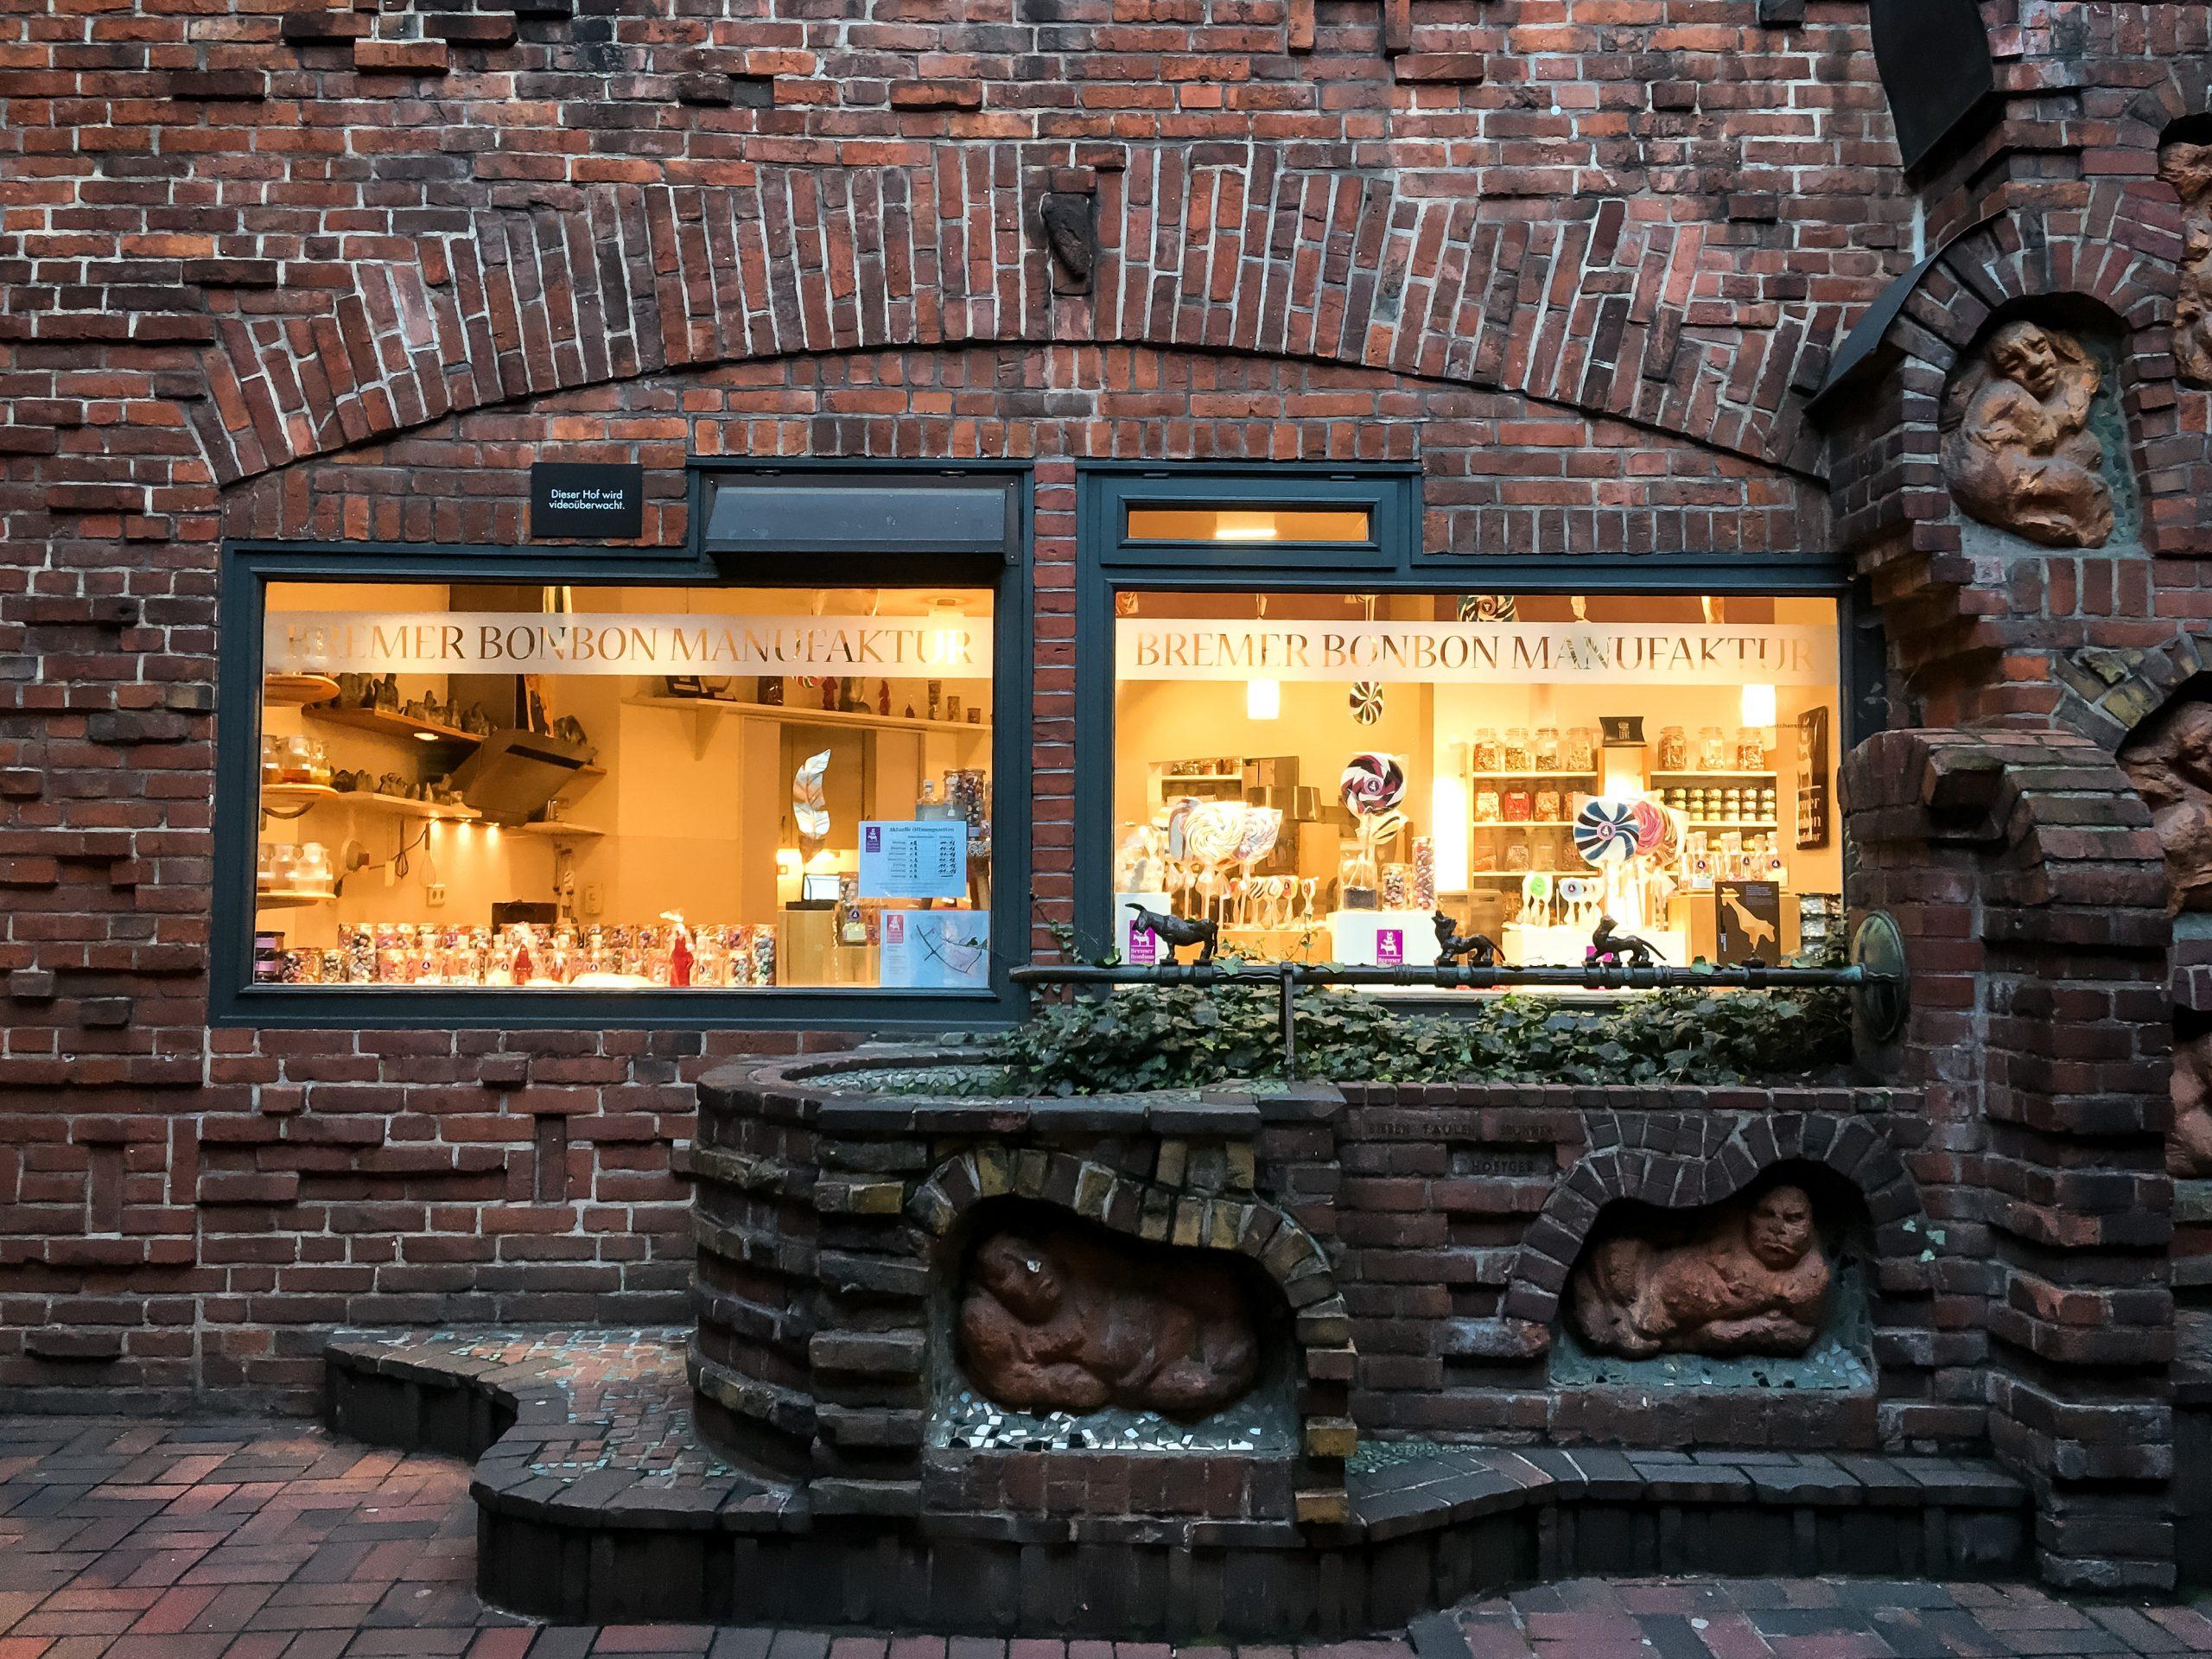 Bremen bonbonmanufaktur böttcherstraße